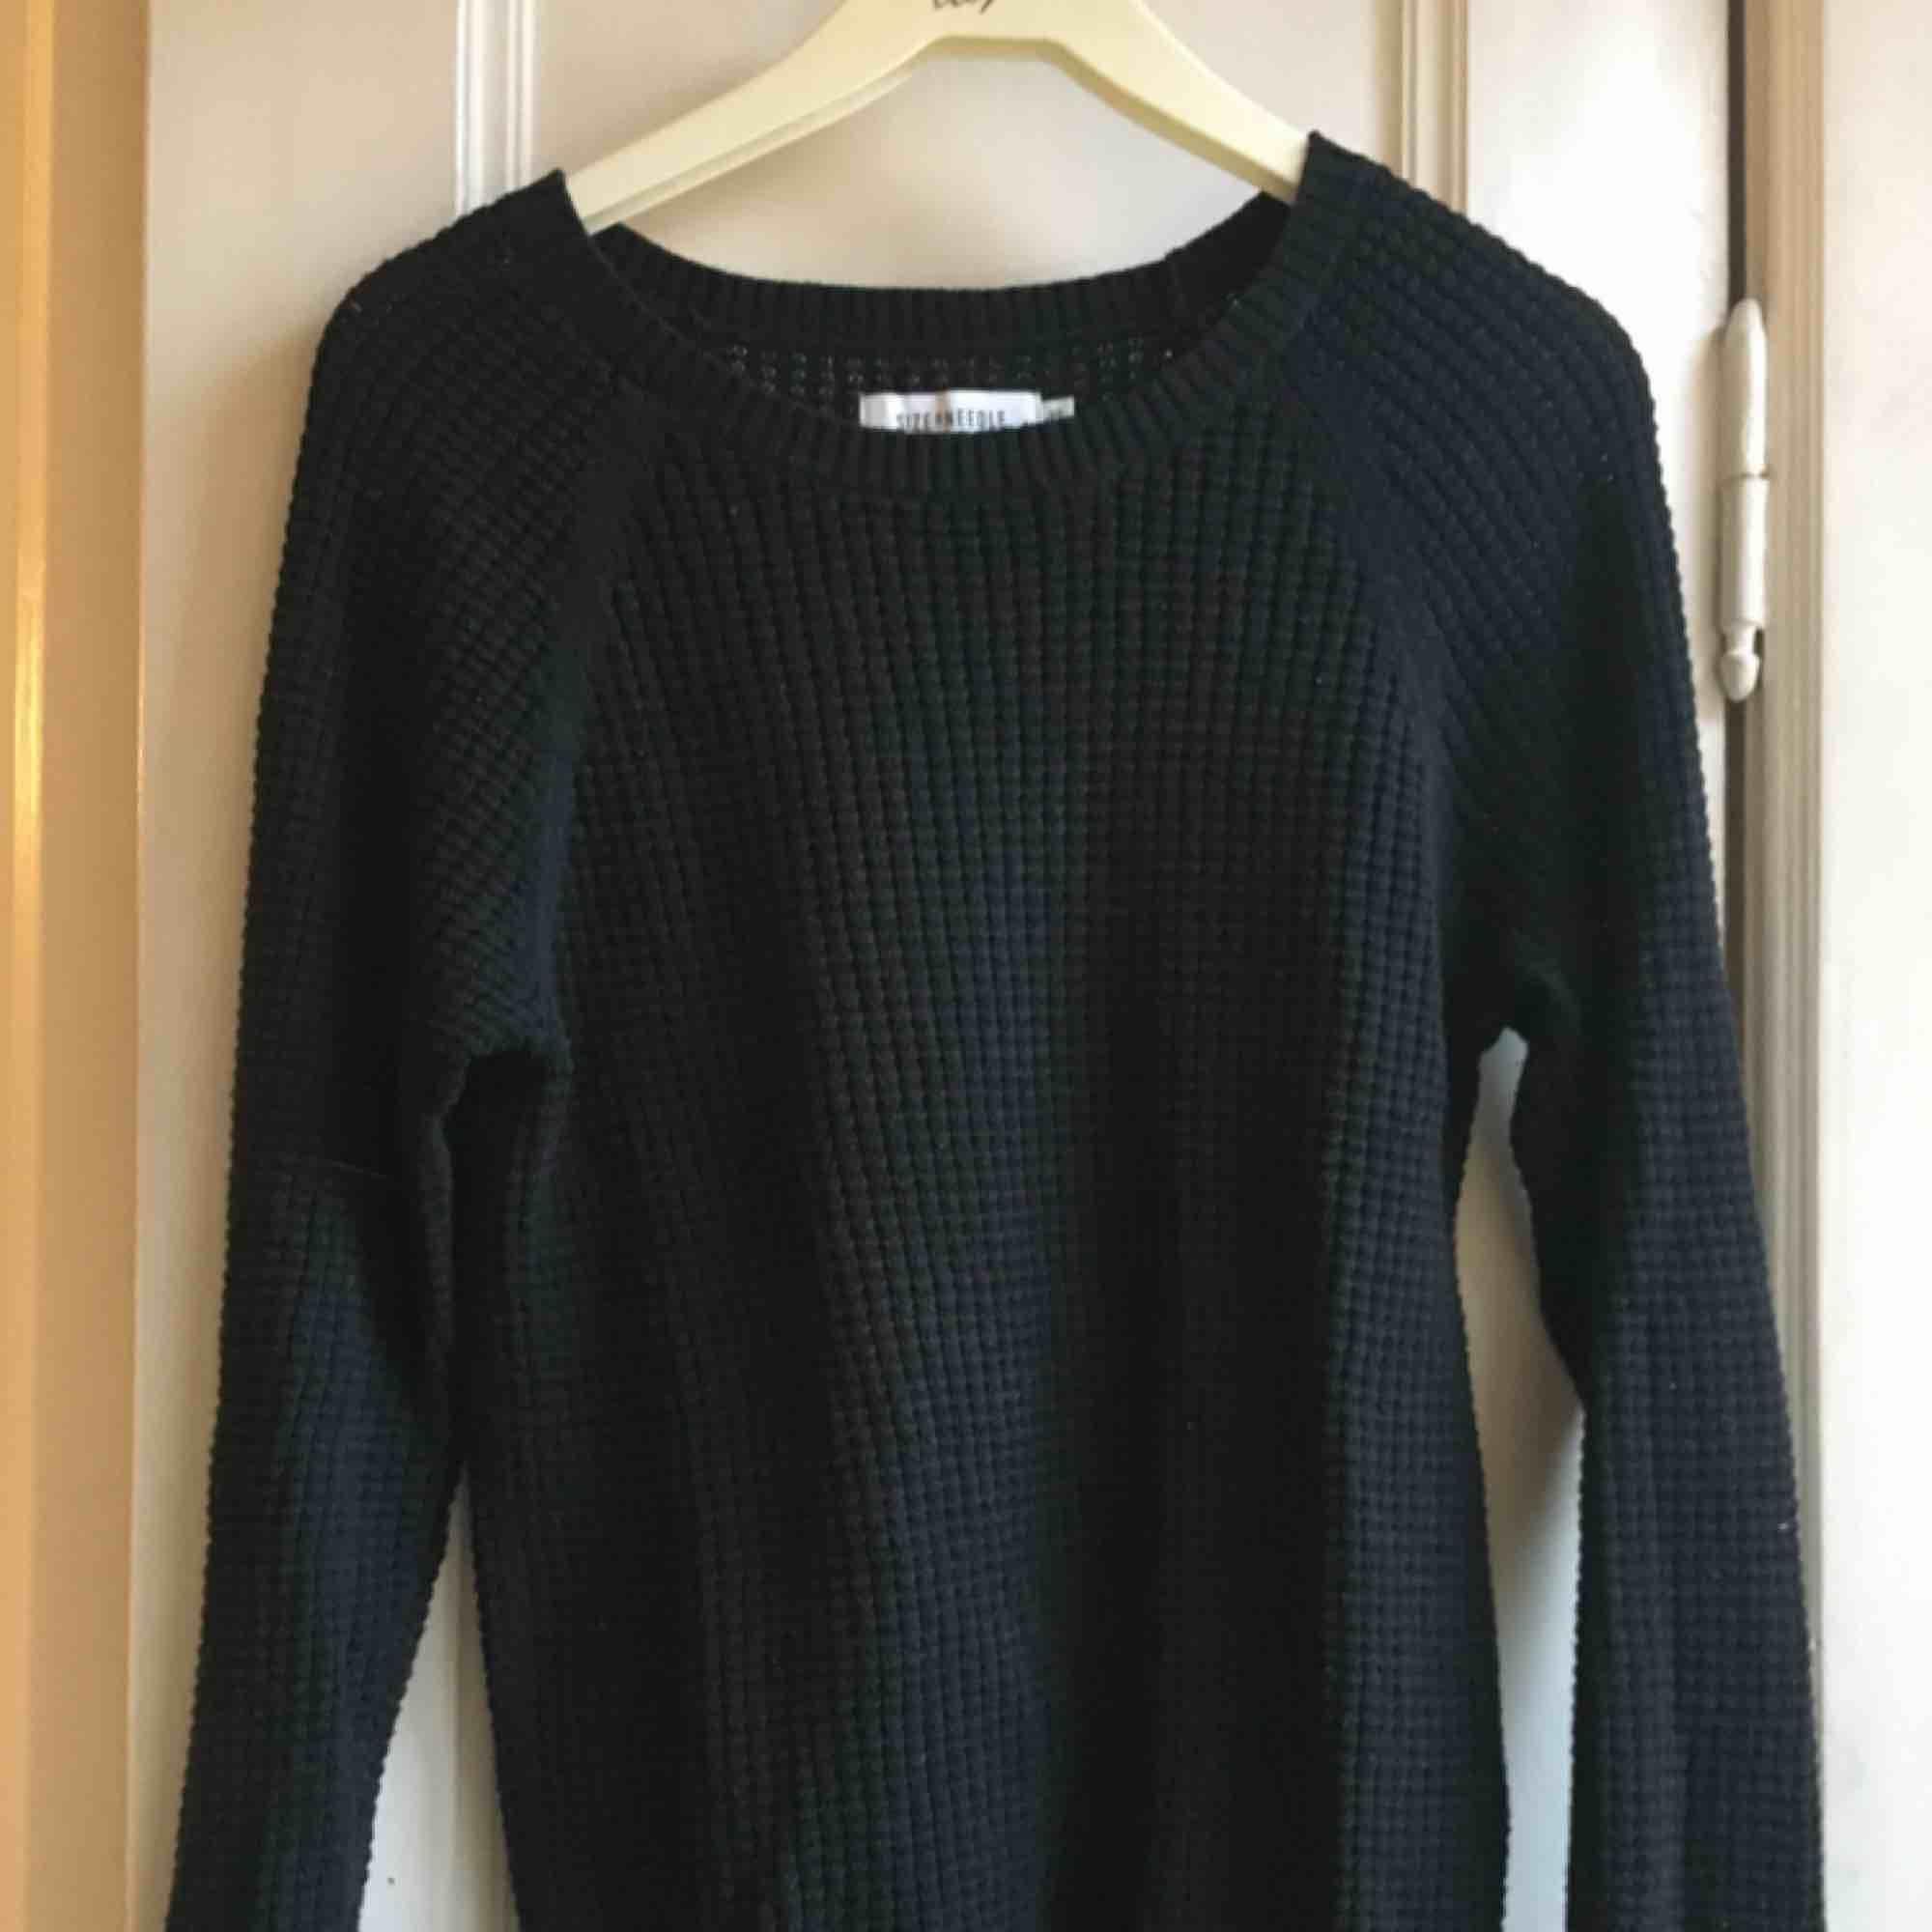 Jätteskön svart stickad tröja köpt på JC. Nästan helt oanvänd, perfekt basplagg! Frakt tillkommer. Stickat.